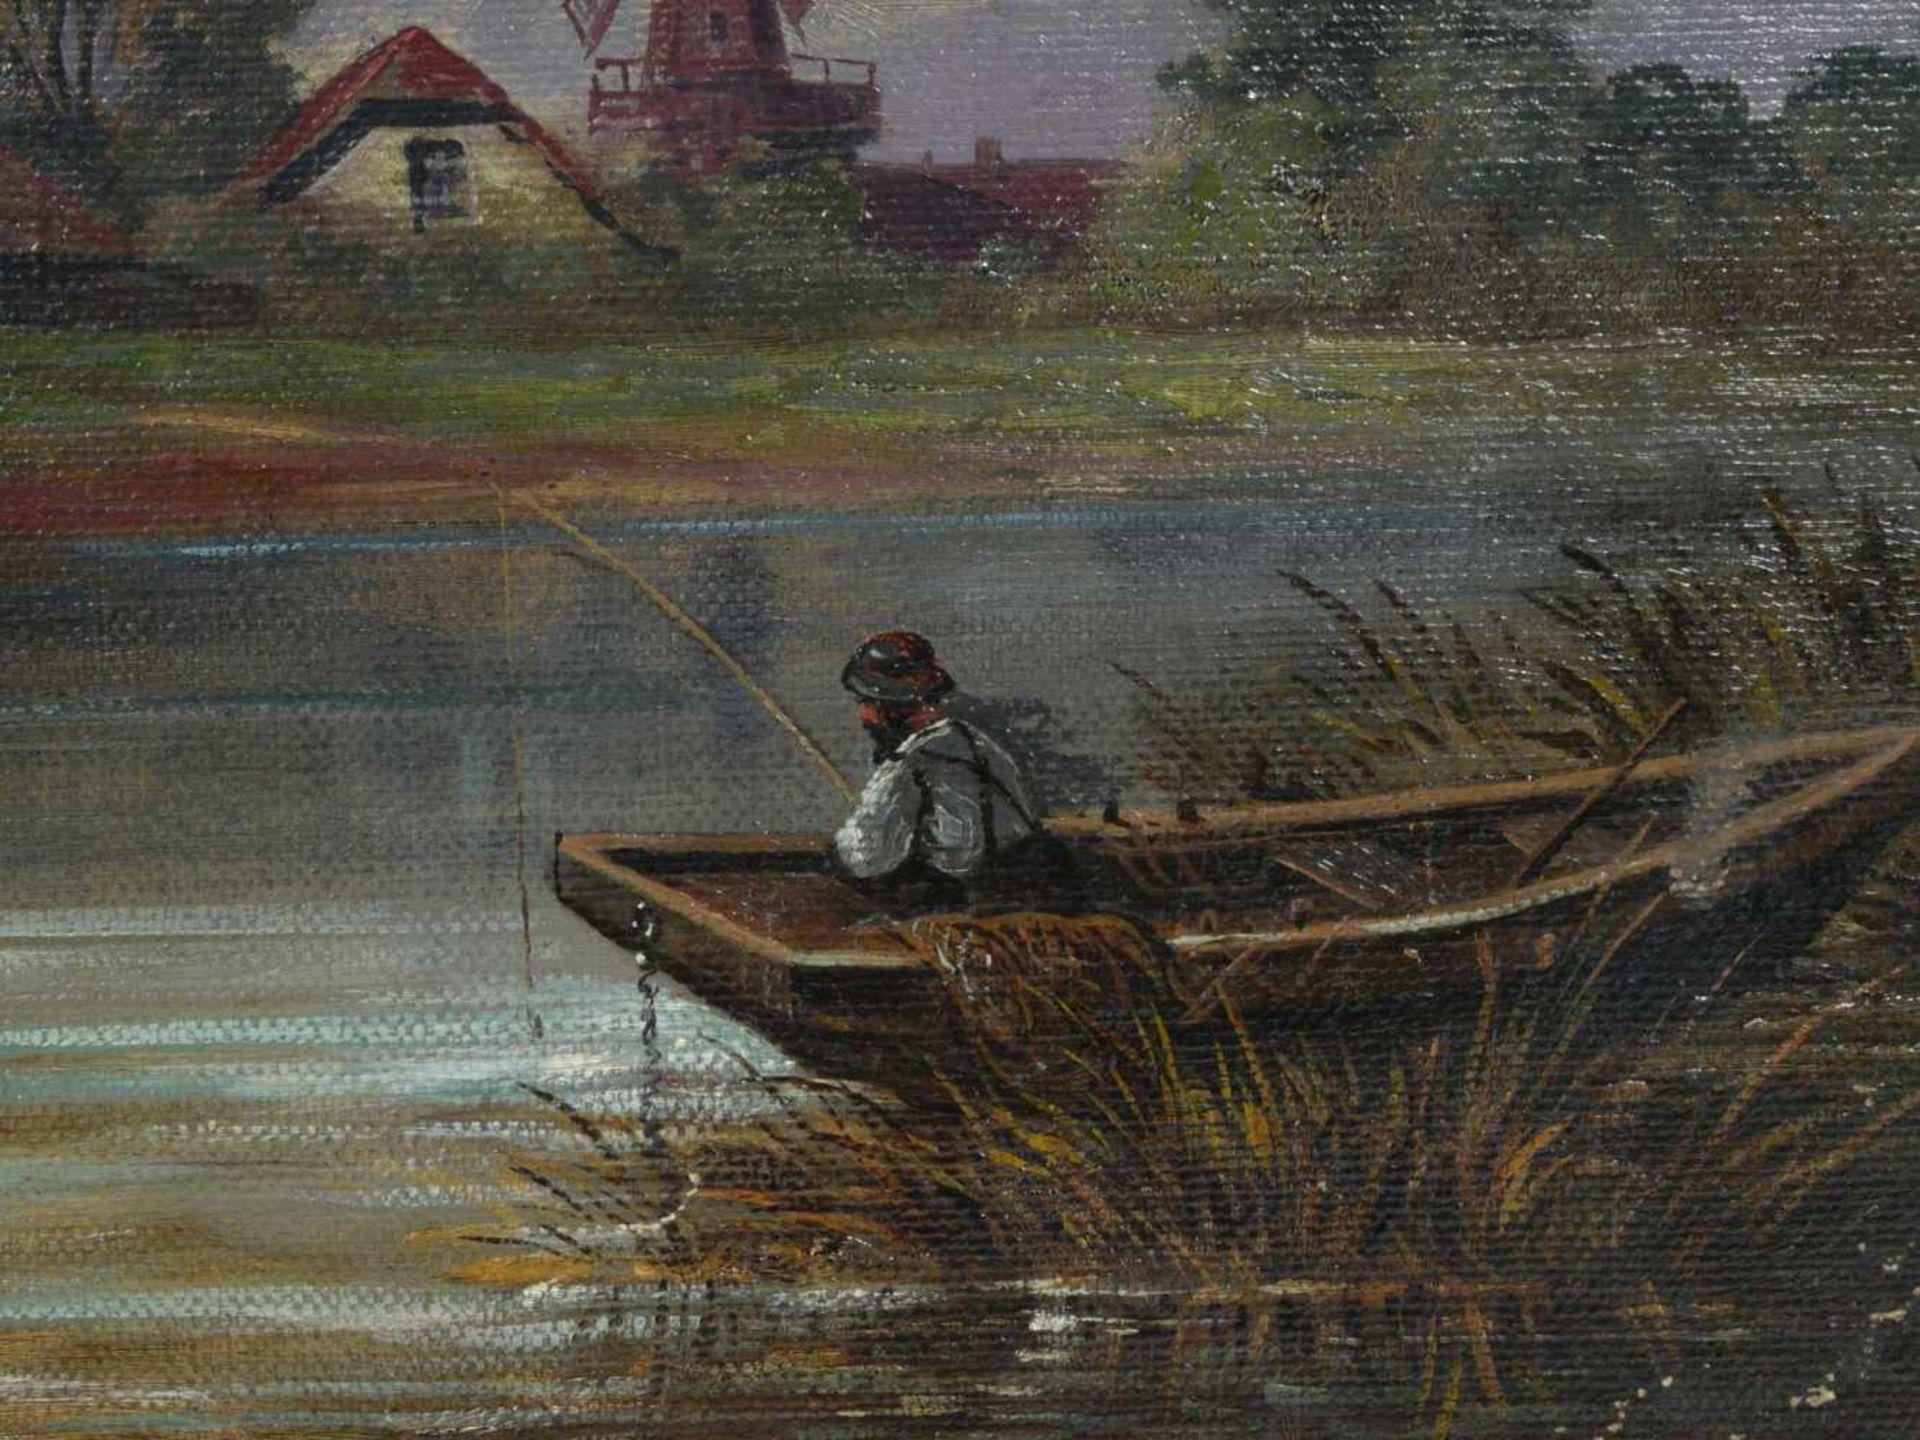 Perlberg, Friedrich (1848-1921) - Fischer in FlußlandschaftEin Fluß mit einem einsamen Fischer in - Bild 5 aus 6